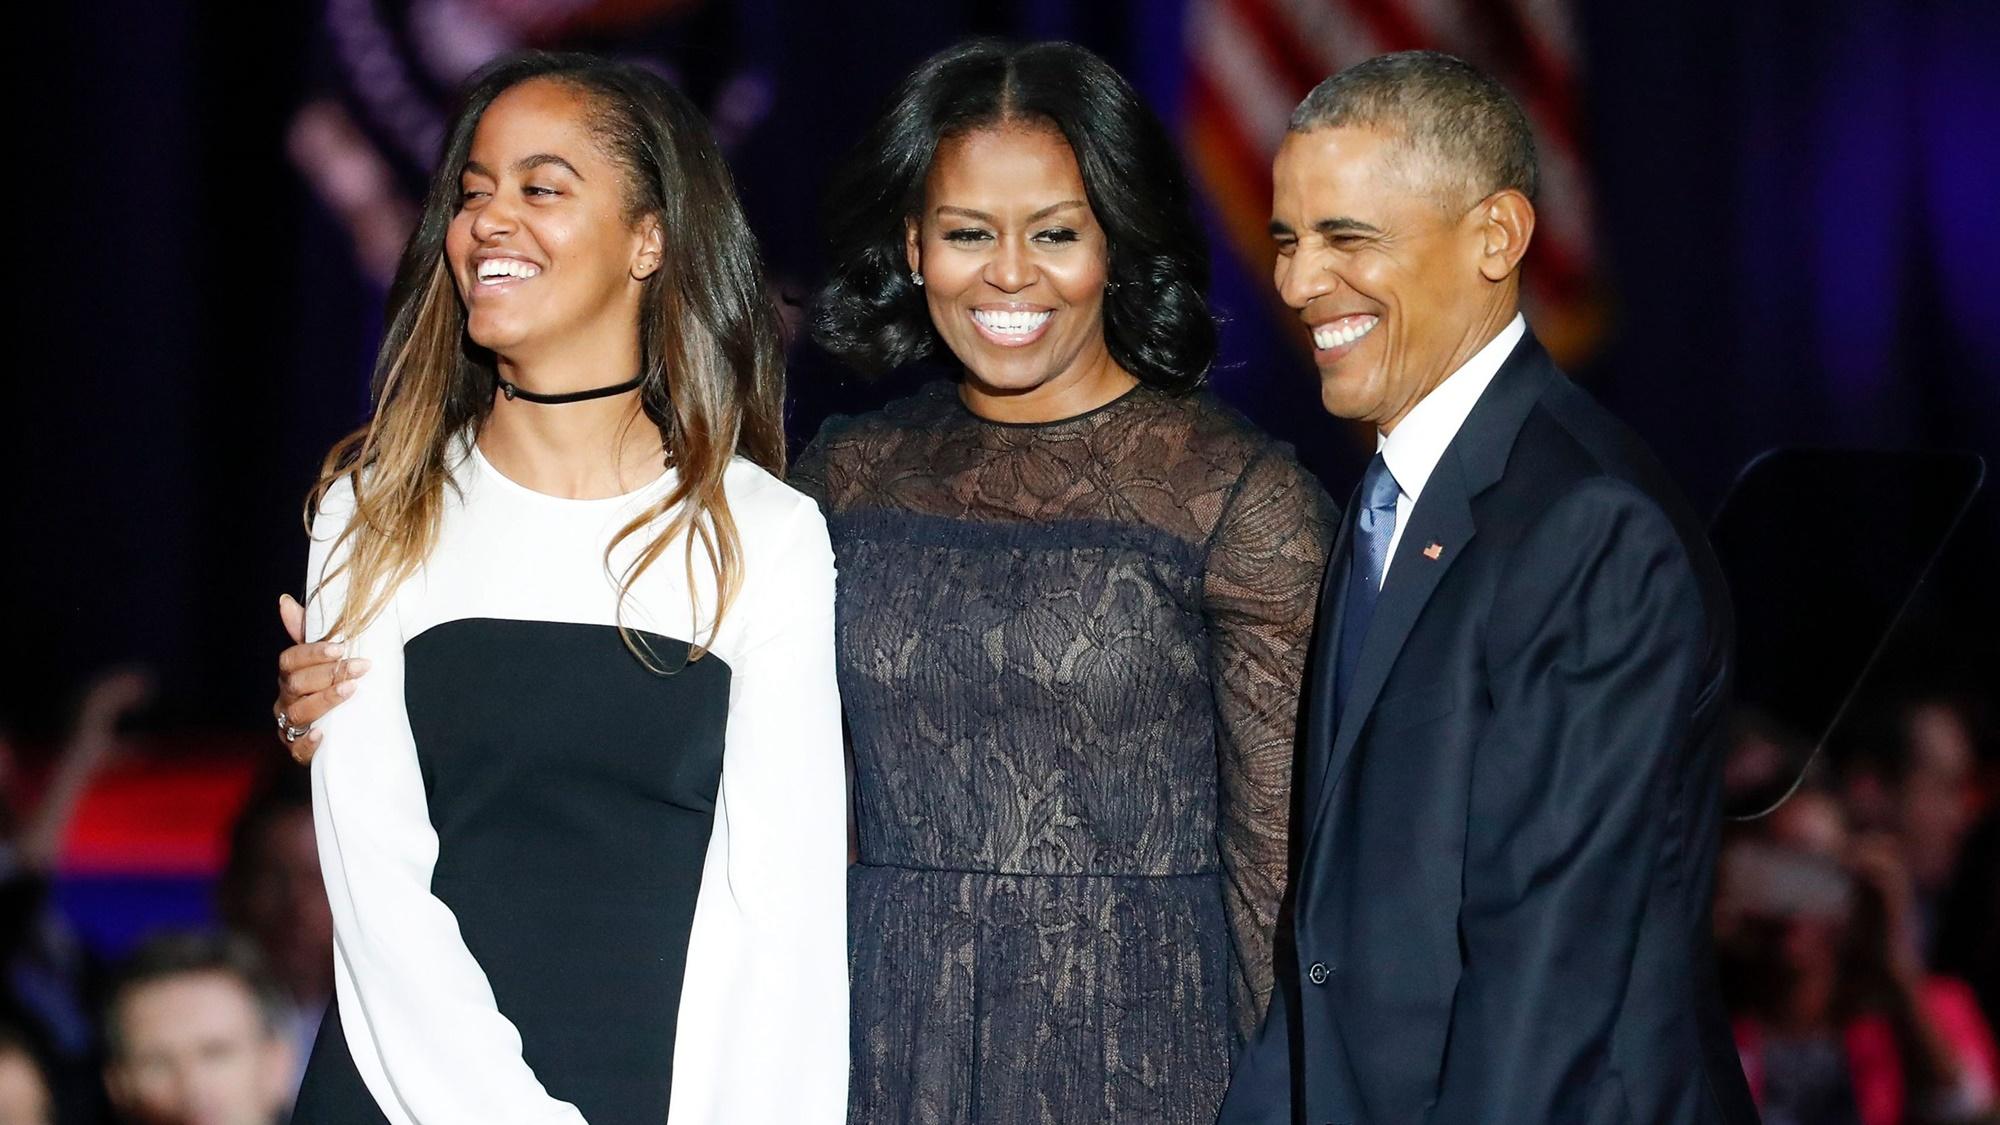 Malia Michelle Barack Obama Donald Trump